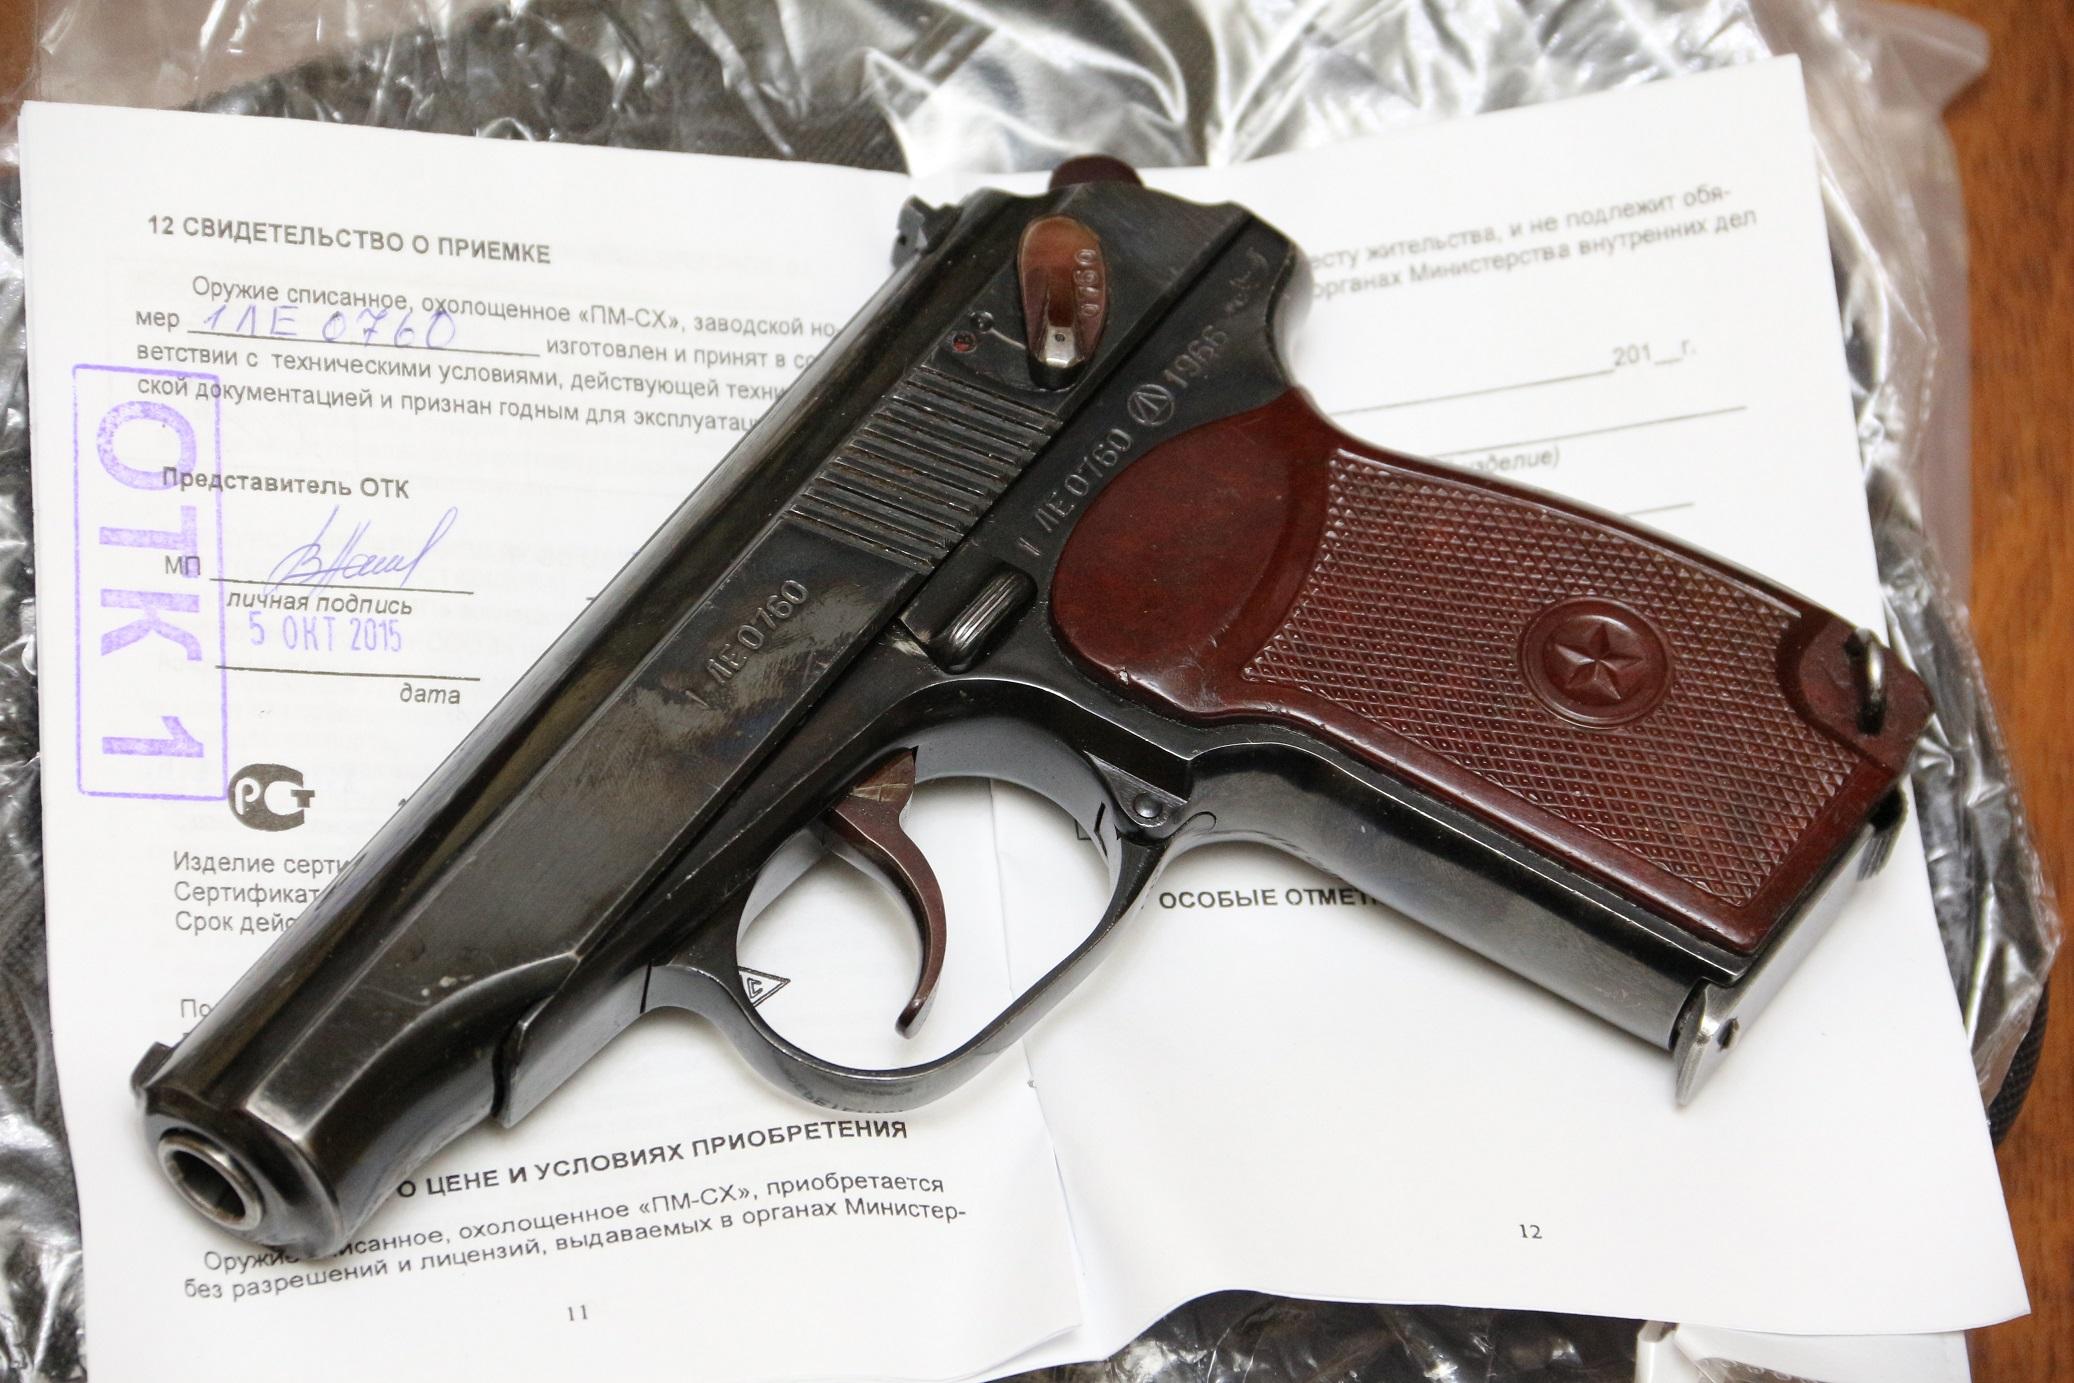 Фото Охолощенный пистолет Макарова ПМ-СХ 1966 года №ЛЕ0760, самый первый деактив